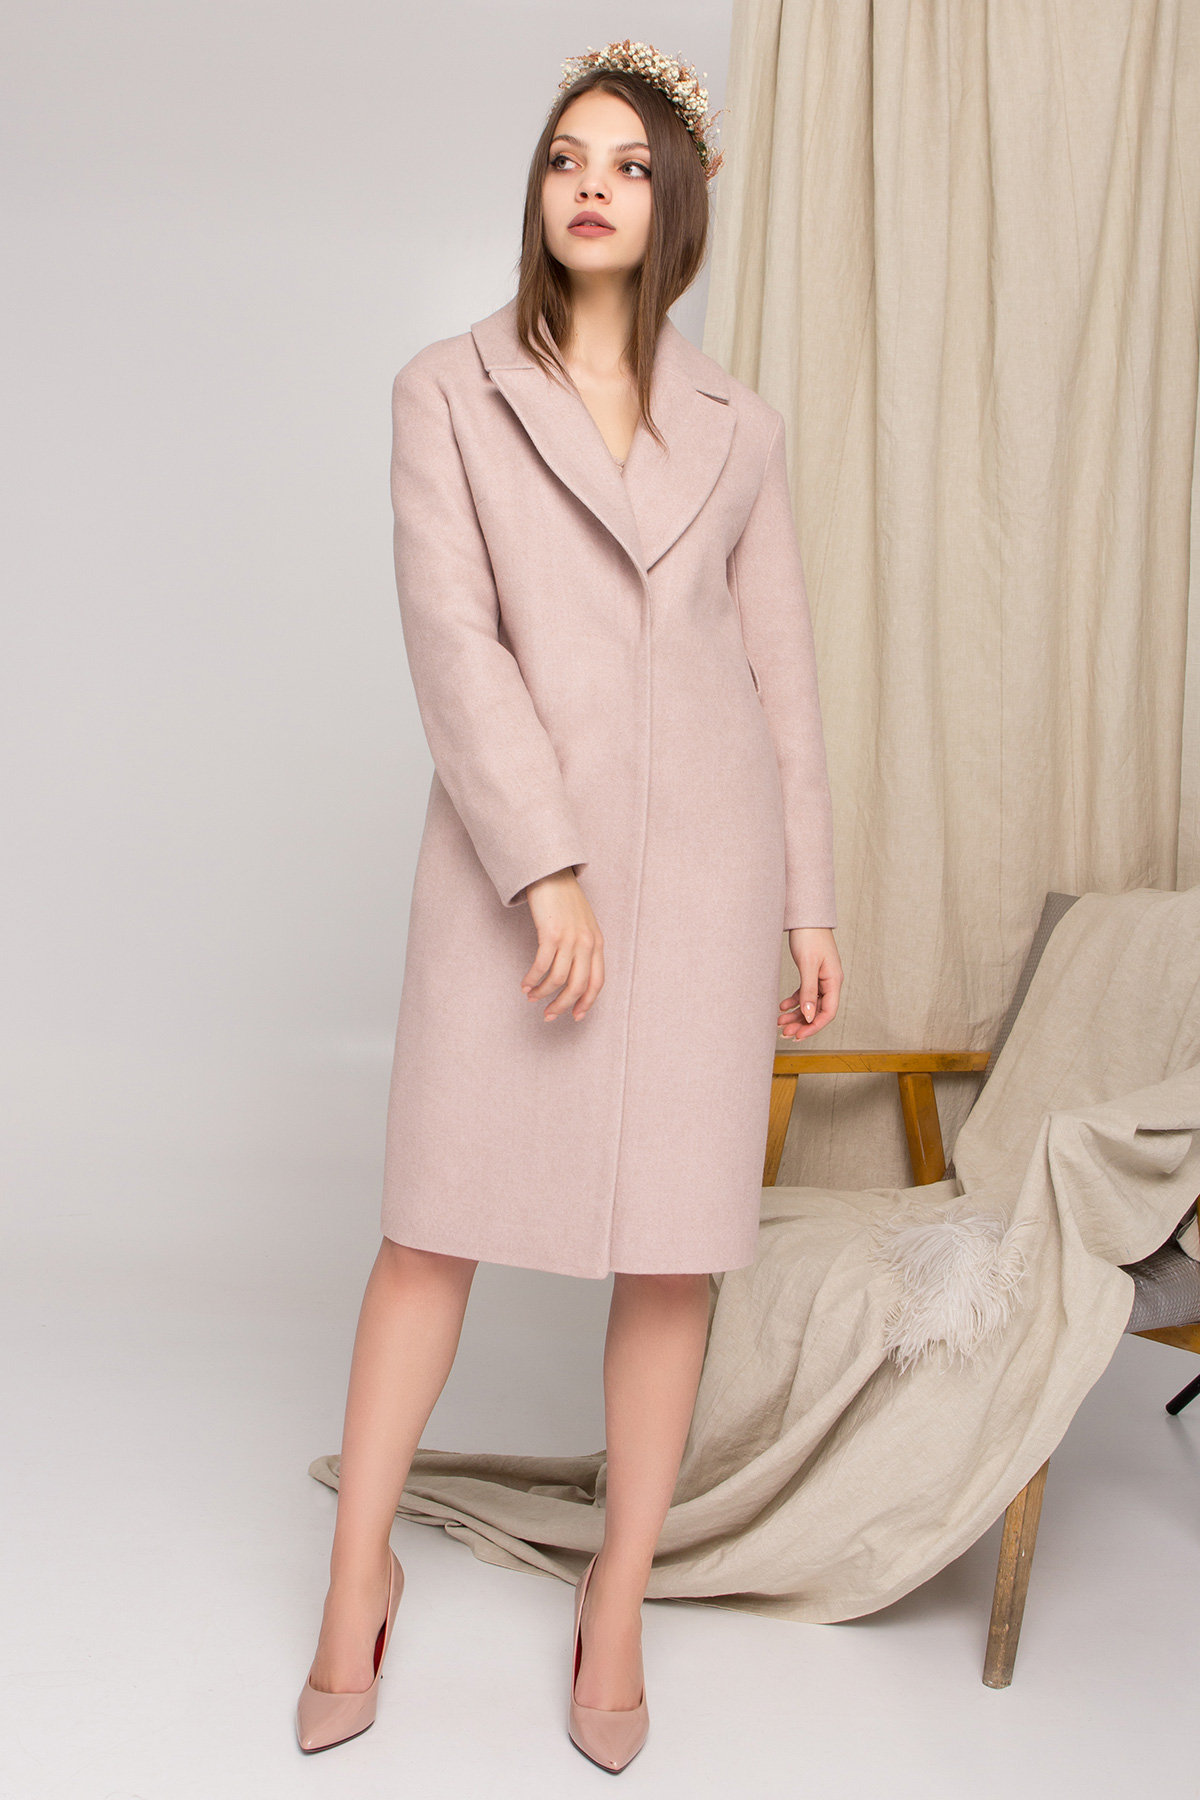 Стильное бежевое пальто Севен 8755 АРТ. 45112 Цвет: Бежевый меланж - фото 4, интернет магазин tm-modus.ru